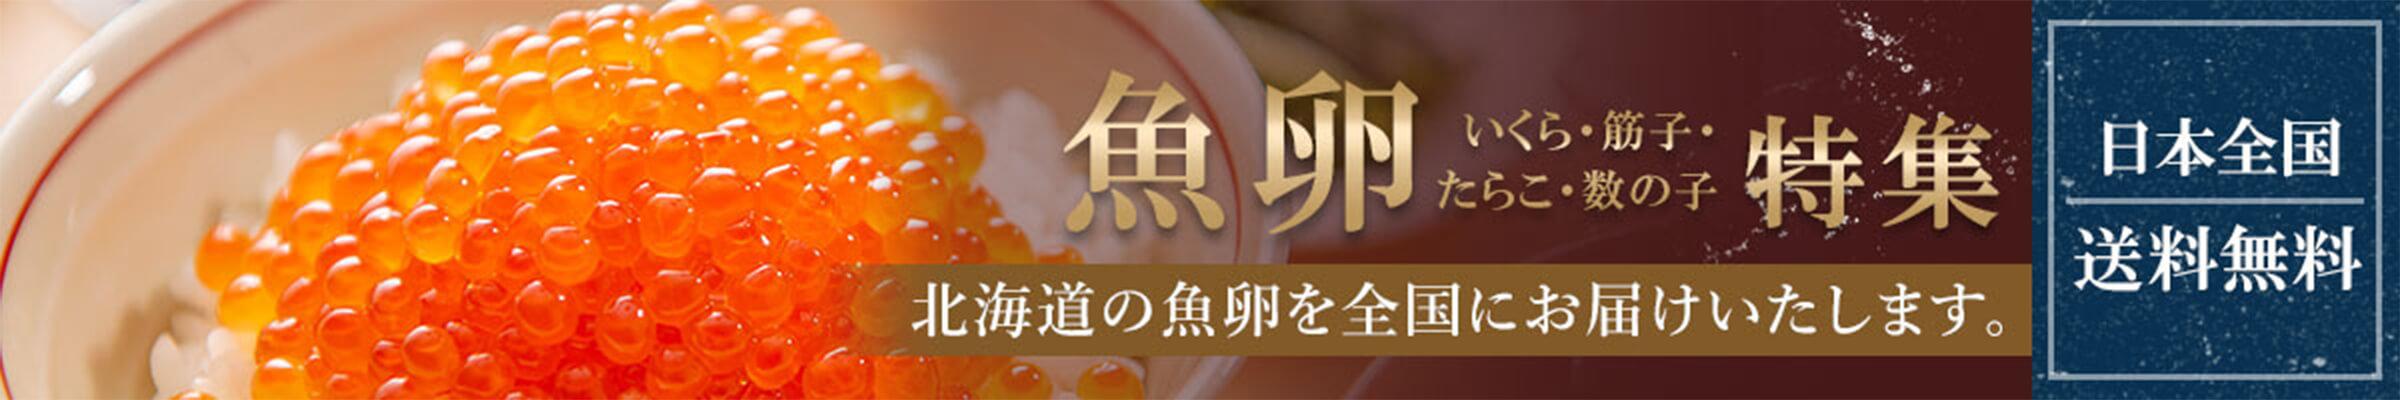 魚卵特集 北海道の魚卵を全国にお届けいたします。日本全国 送料無料